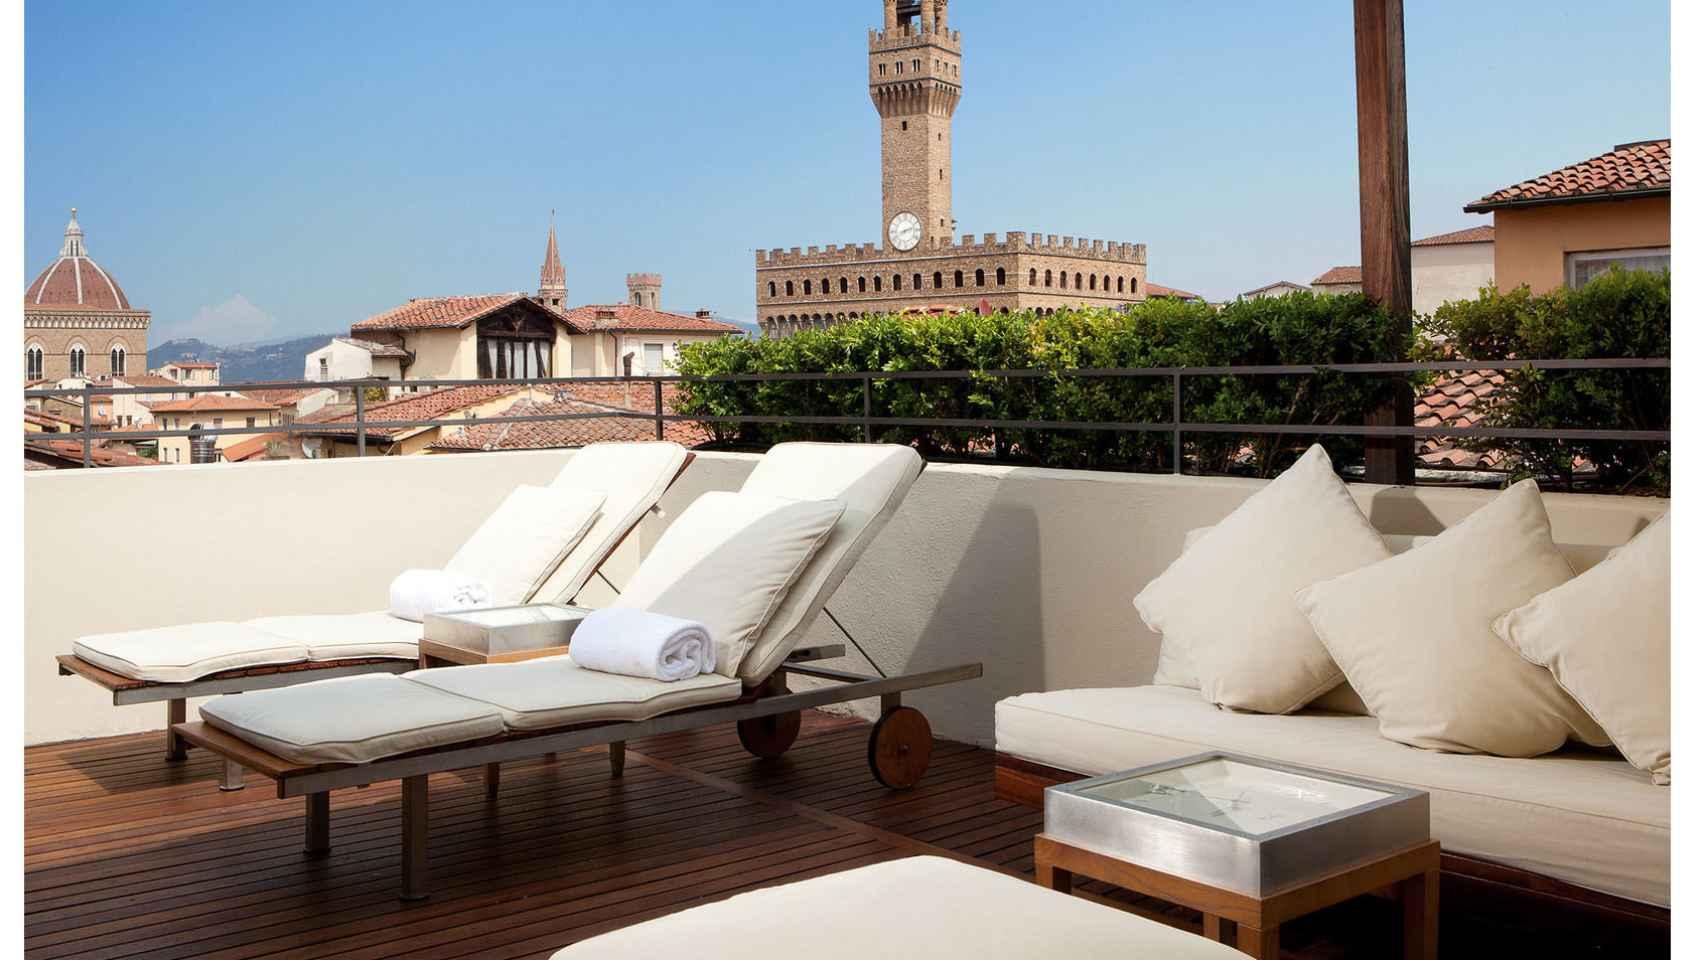 Terraza del hotel Continentale con vistas a la ciudad de Florencia, diseñado por Salvatore Ferragamo.